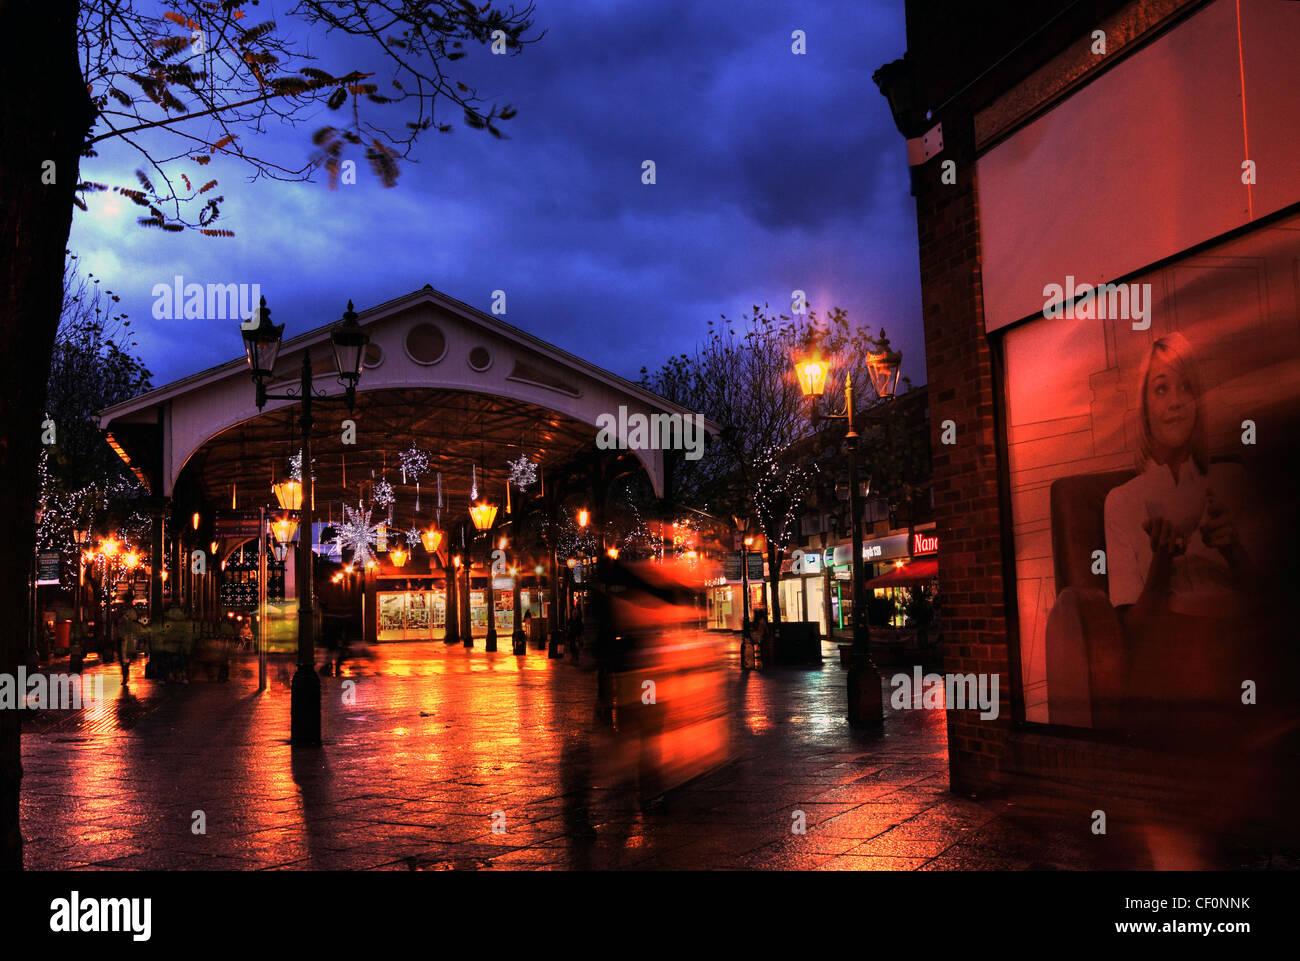 Laden Sie dieses Alamy Stockfoto Abenddämmerung am alten Fischmarkt, Golden Square Marktplatz, Warrington, Cheshire, UK - CF0NNK